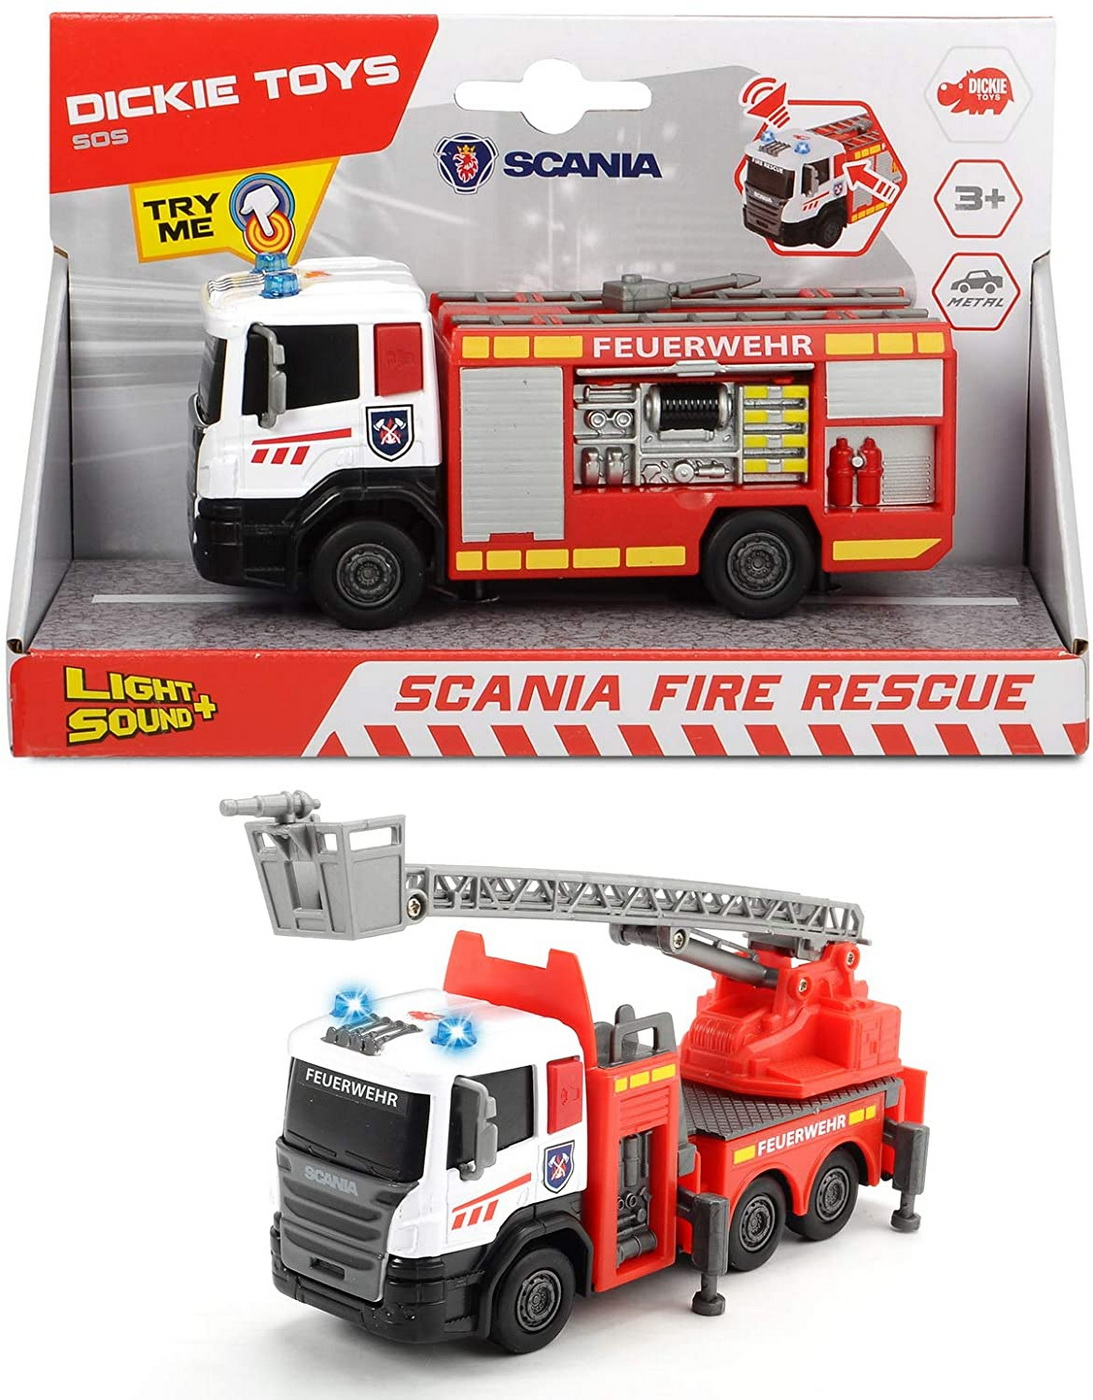 Masinuta - Scania Fire Rescue, cu tun cu apa | Dickie Toys